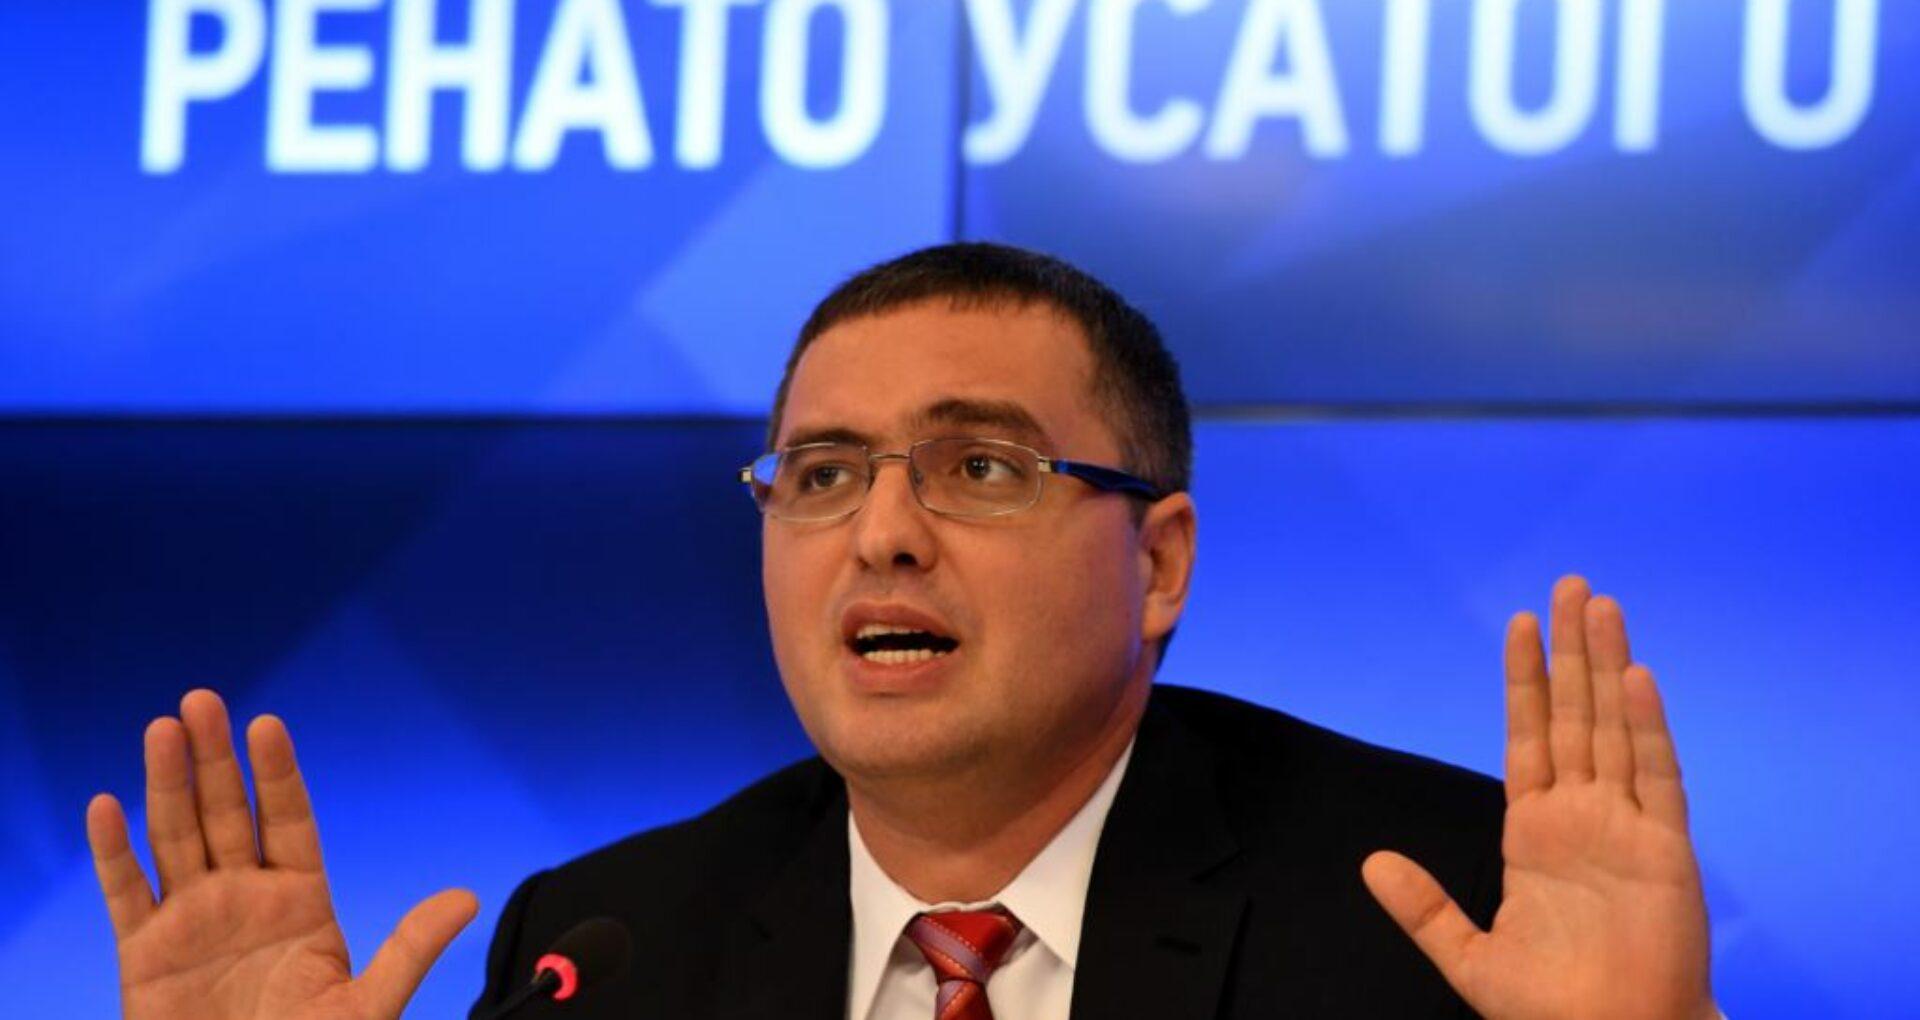 Usatîi susține că a fost dat în căutare de către Federația Rusă și că următorul pas al anchetatorilor va fi un demers la Interpol